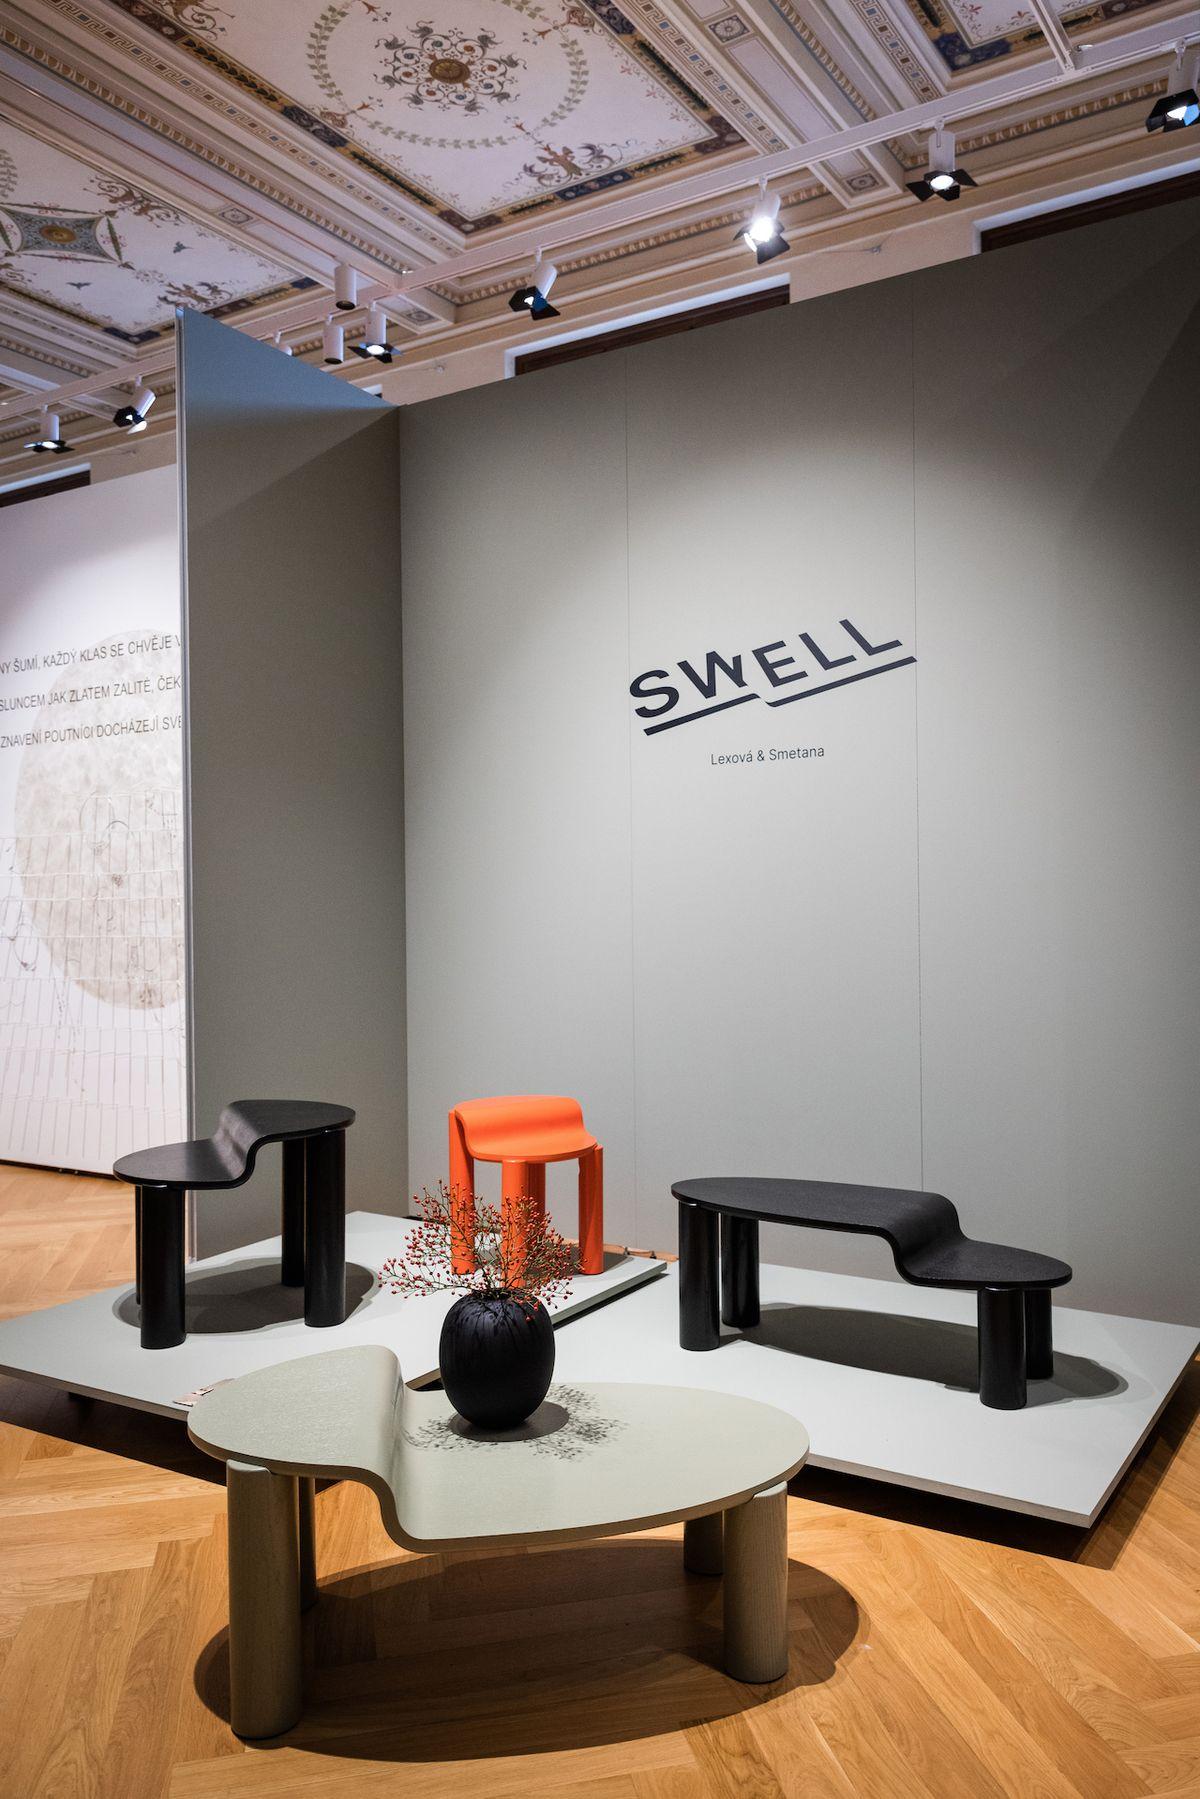 Design studio Lexová & Smetana boduje s kolekcí víceúrovňových stolků Swell.